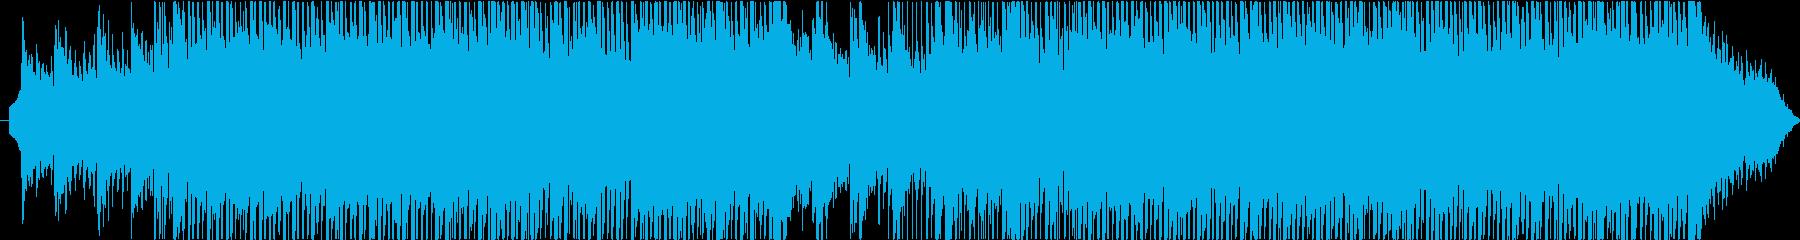 大胆なムードのエキサイティングな音楽の再生済みの波形